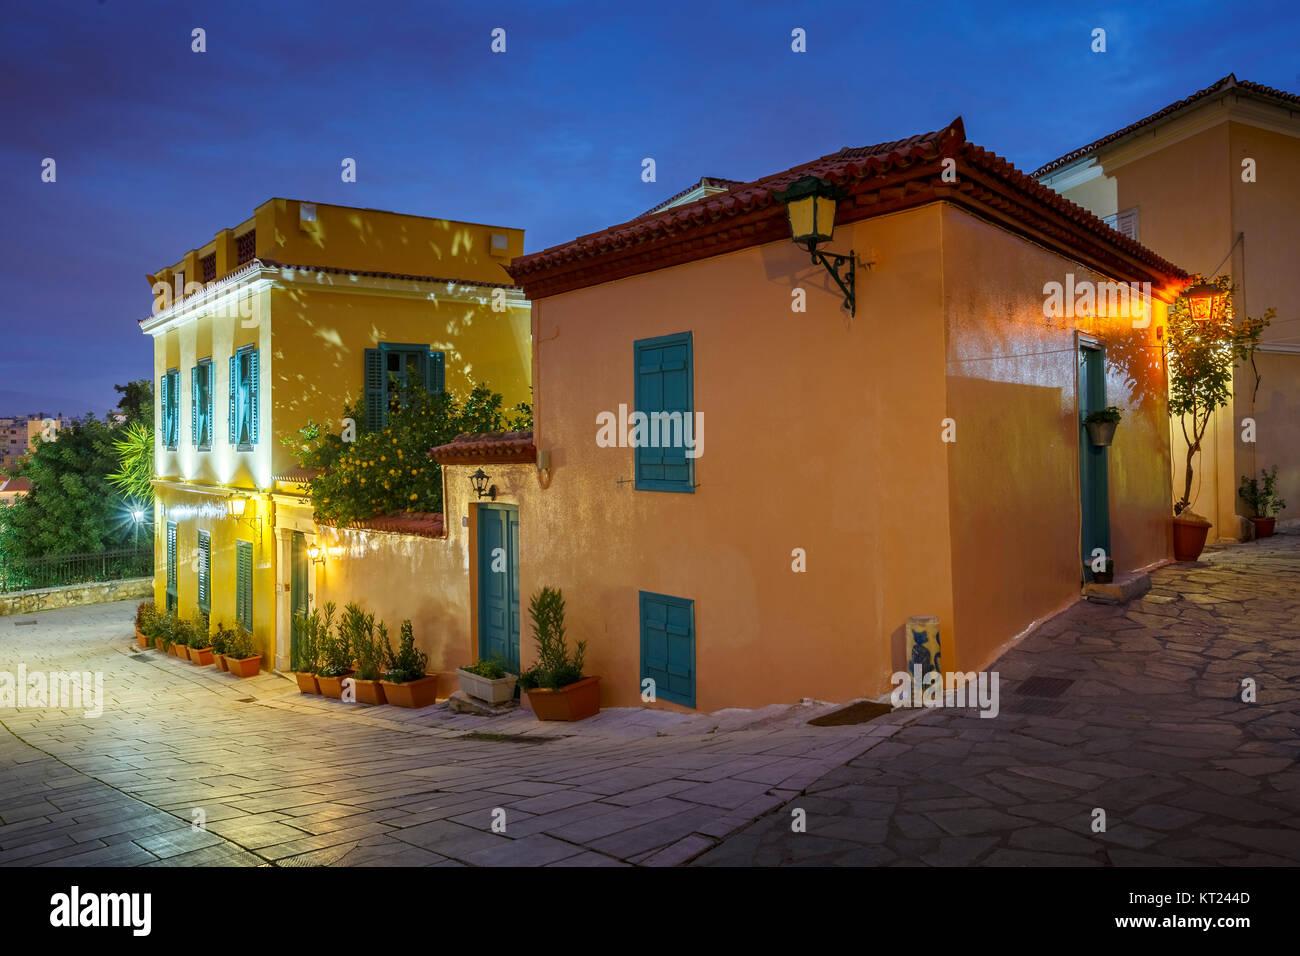 Architektur in der Plaka, der Altstadt von Athen, Griechenland. Stockbild